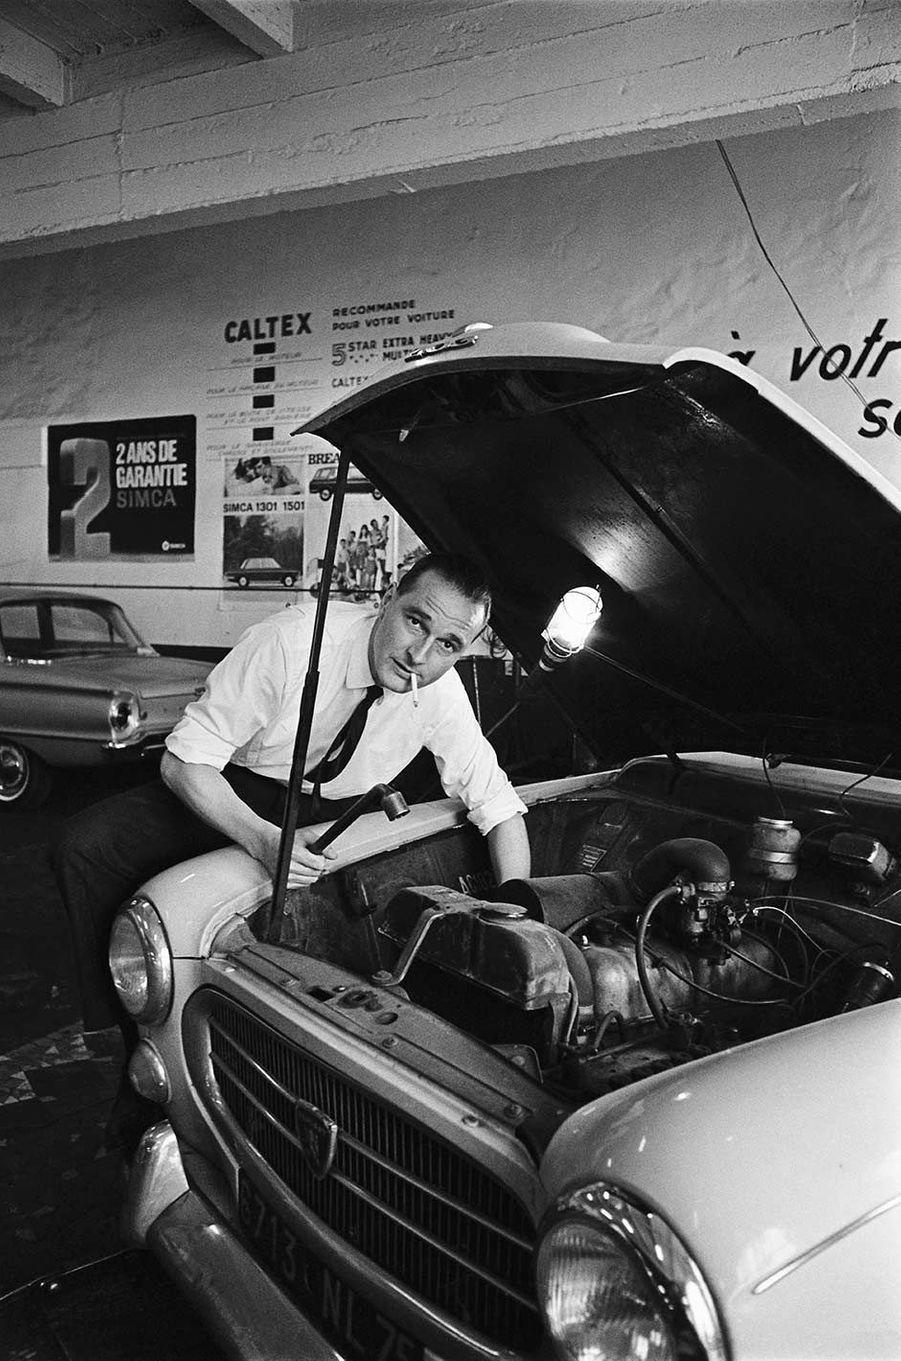 14 avril 1967.Jacques Chirac, nouveau ministre du Travail, fumant une cigarette en bricolant dans le moteur de sa voiture modèle Peugeot 403, dans un garage.